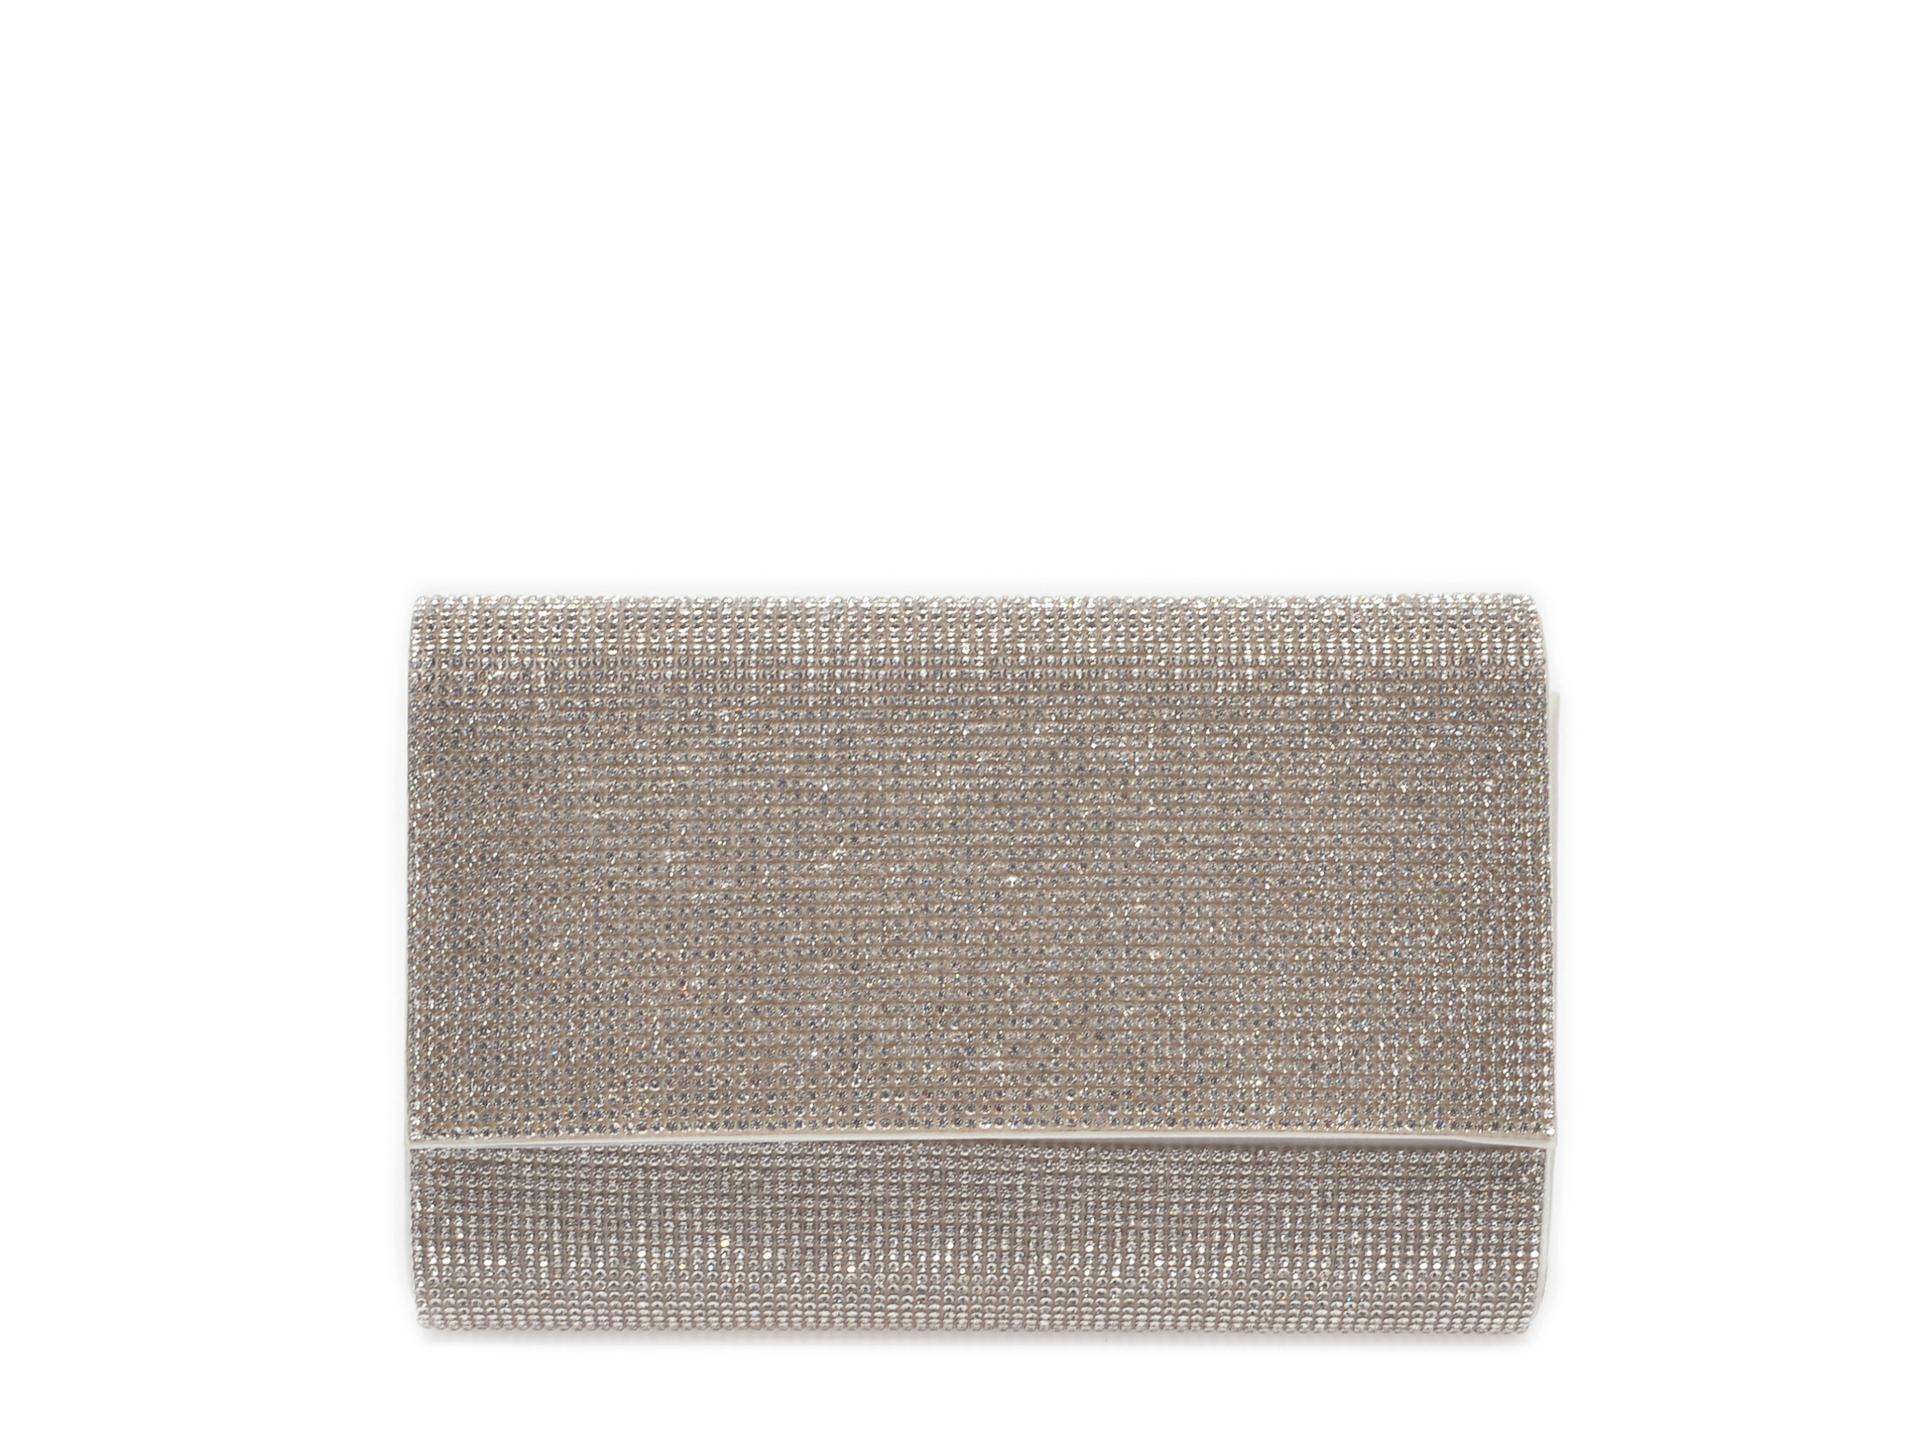 Poseta plic ALDO argintie, Imnaha040, din material textil imagine otter.ro 2021